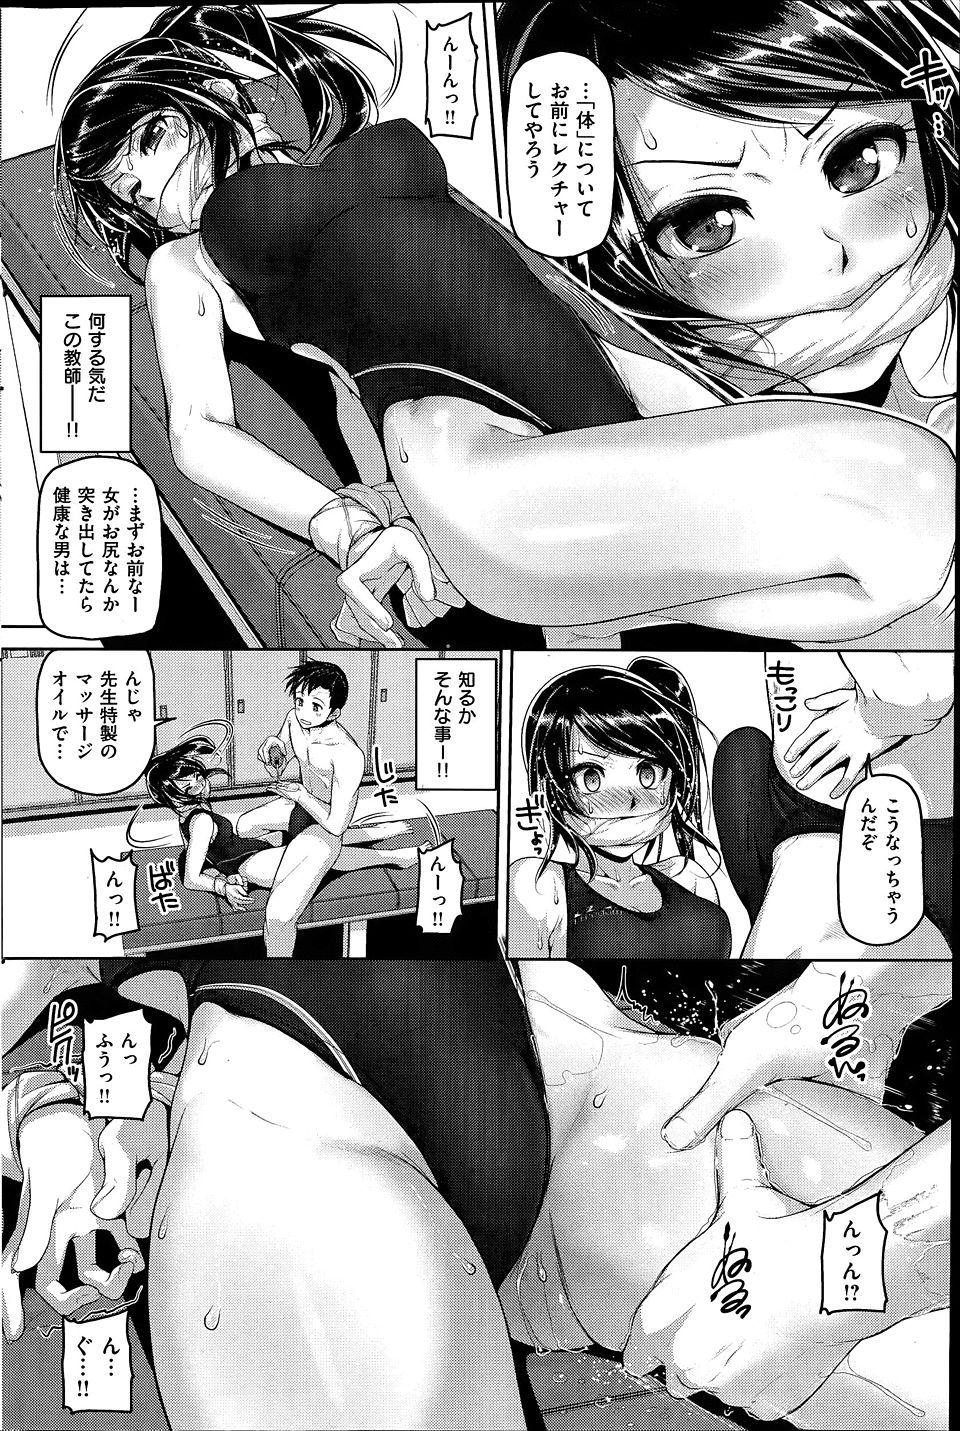 【エロ漫画・エロ同人】教師に襲われちゃってる巨乳競泳水着少女www (6)